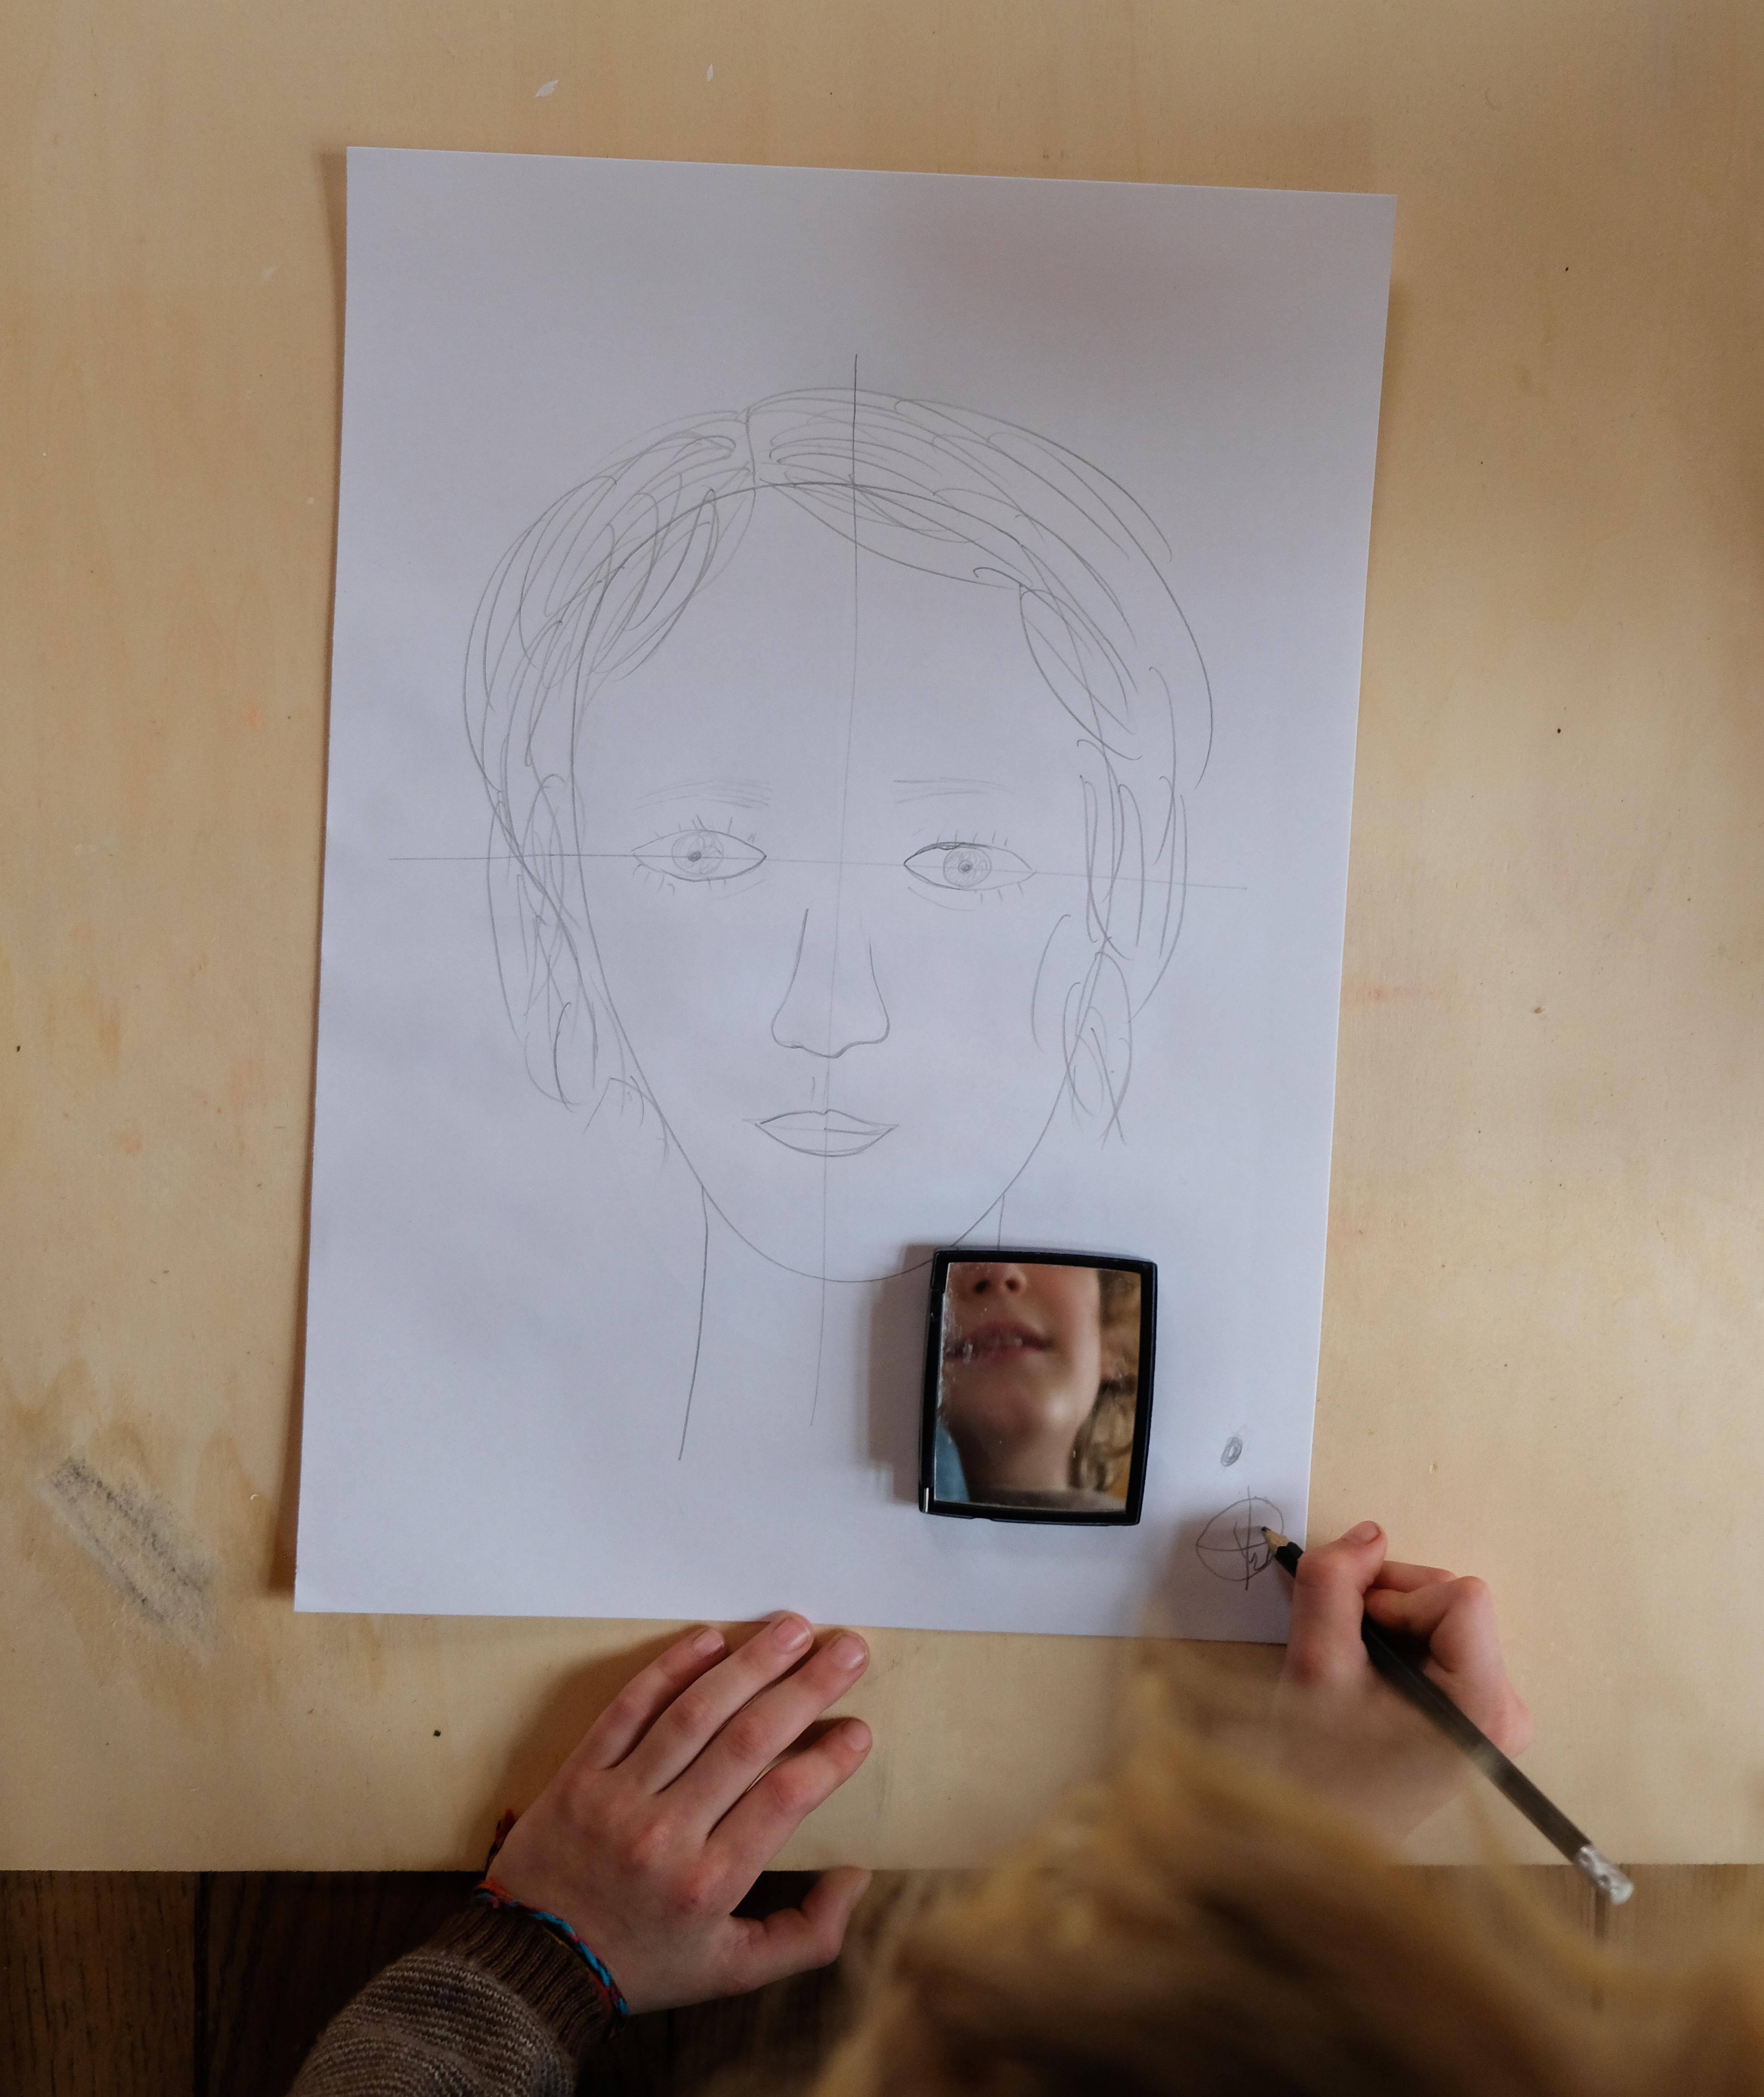 Mit Kindern Hubsche Selbstportraits Zeichnen Mein Easypeasy